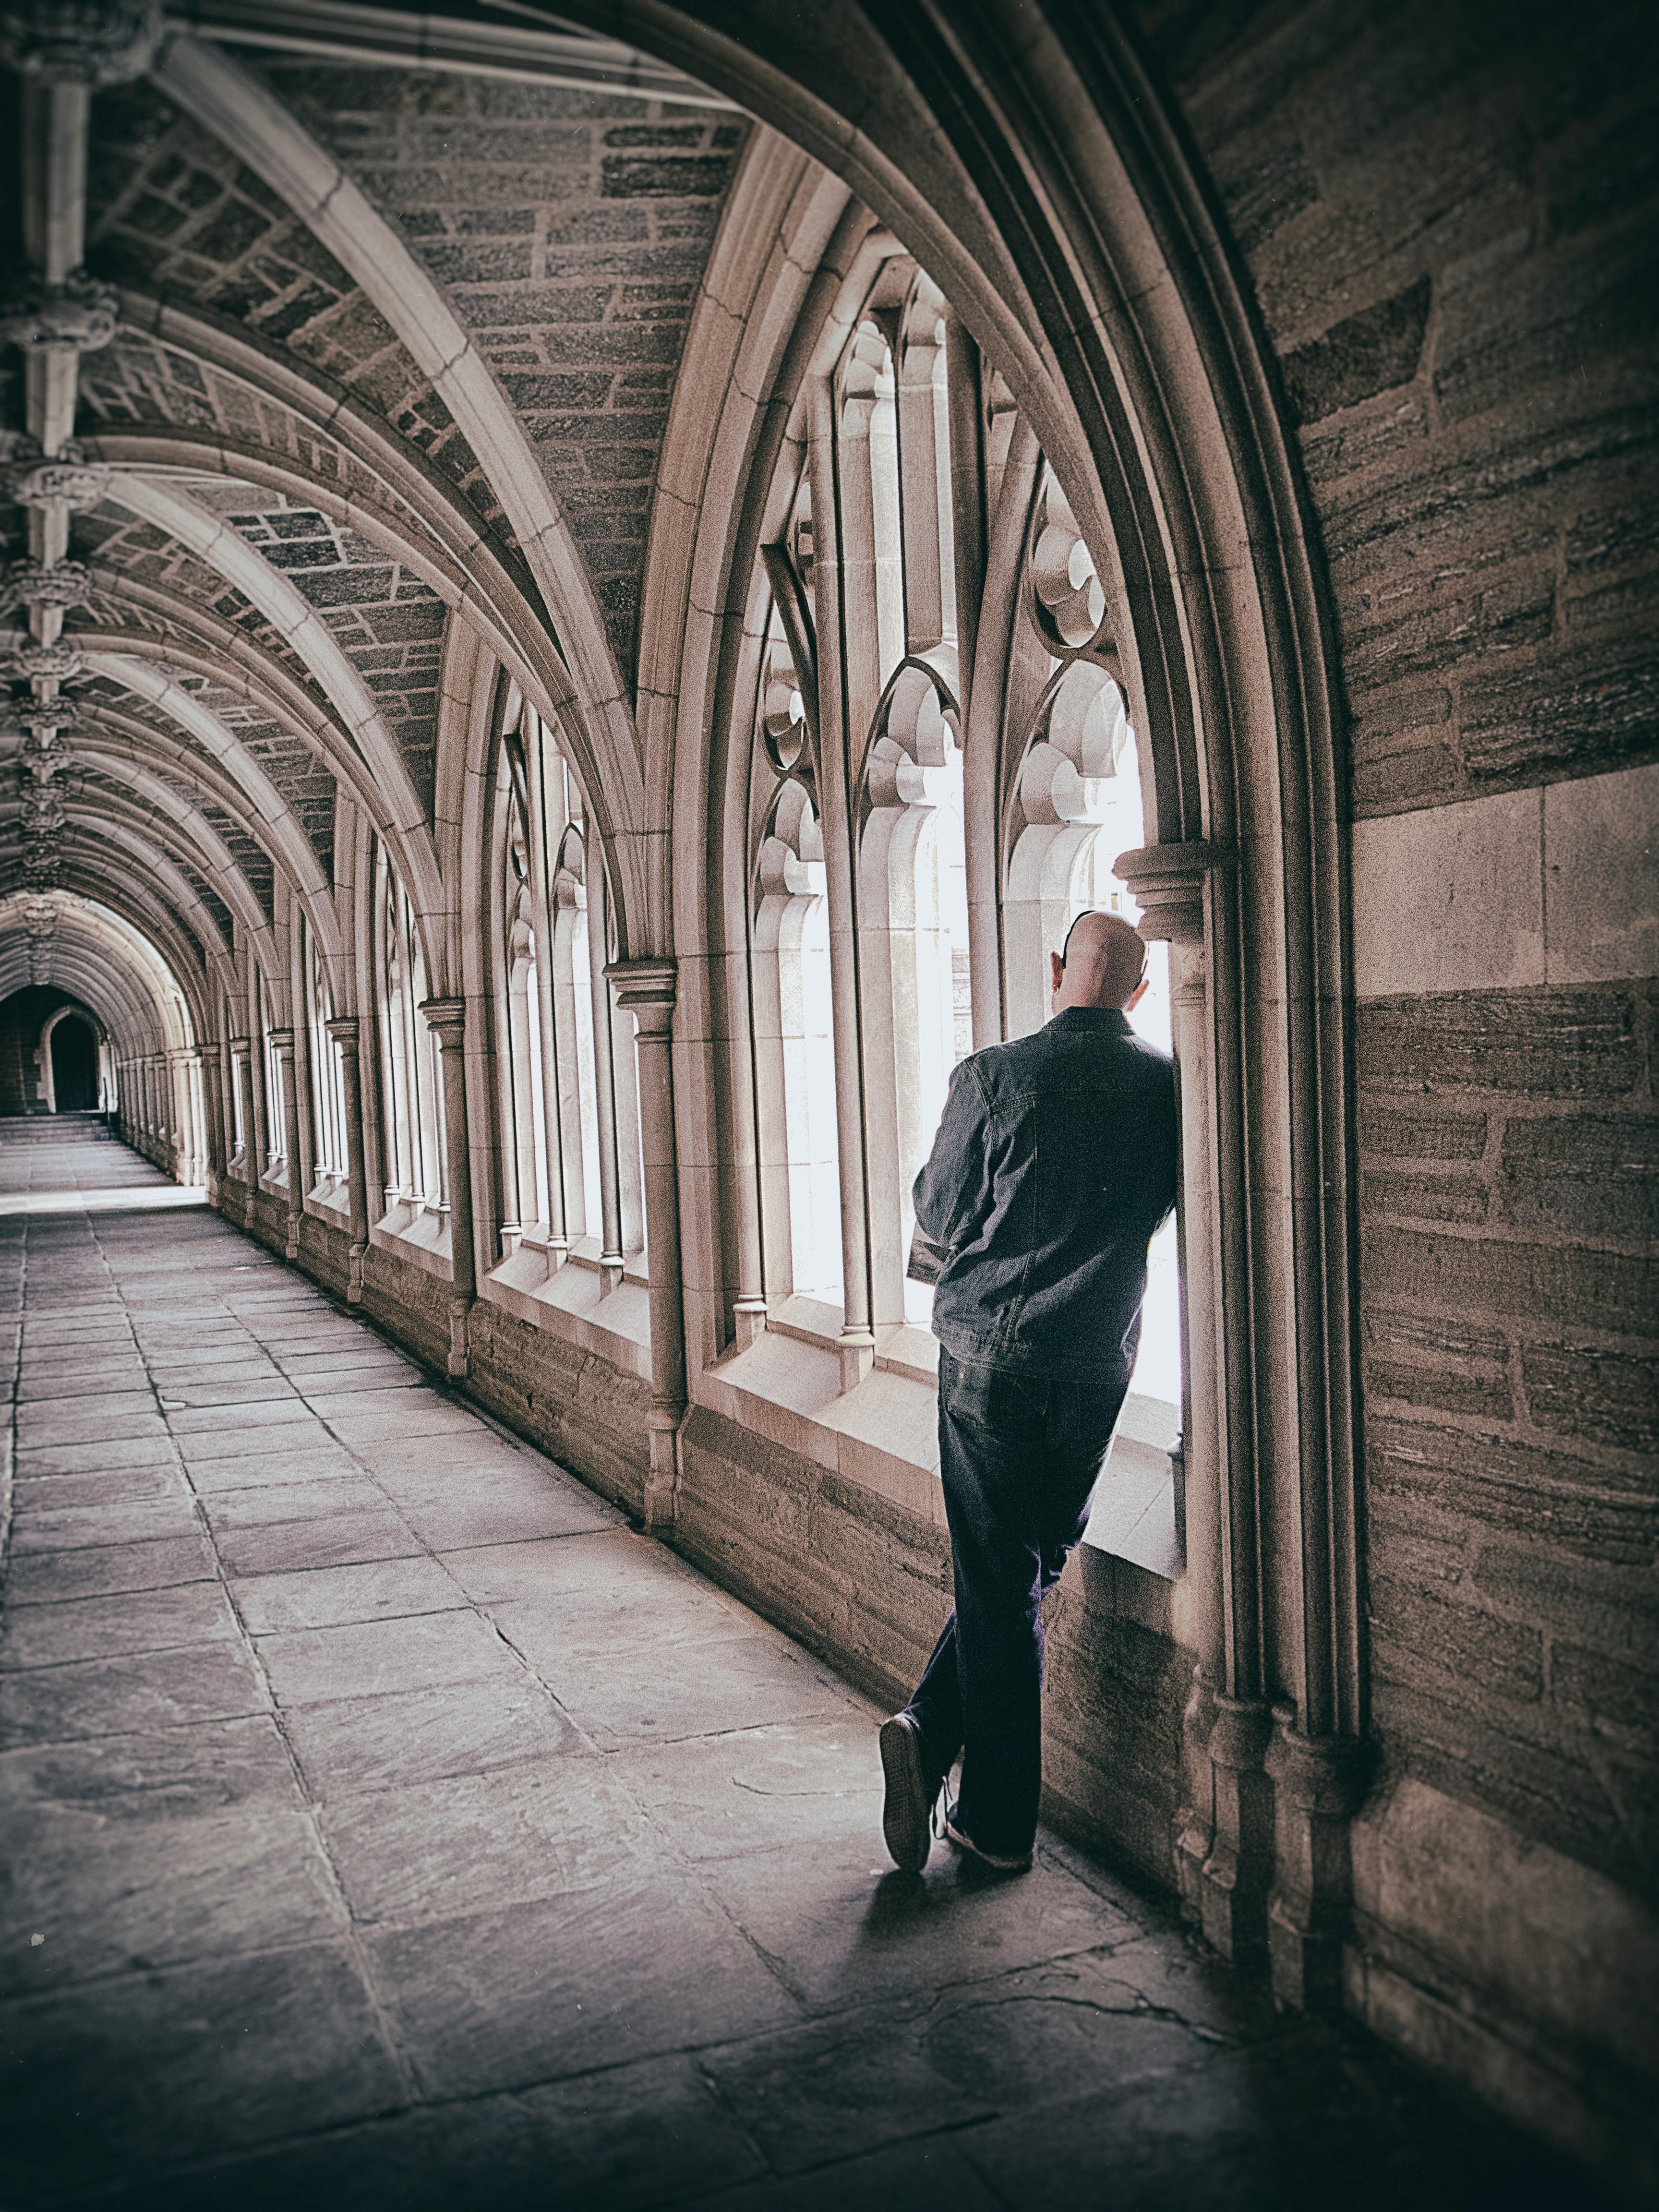 Мужская фотосессия в стеклянной архитектуре